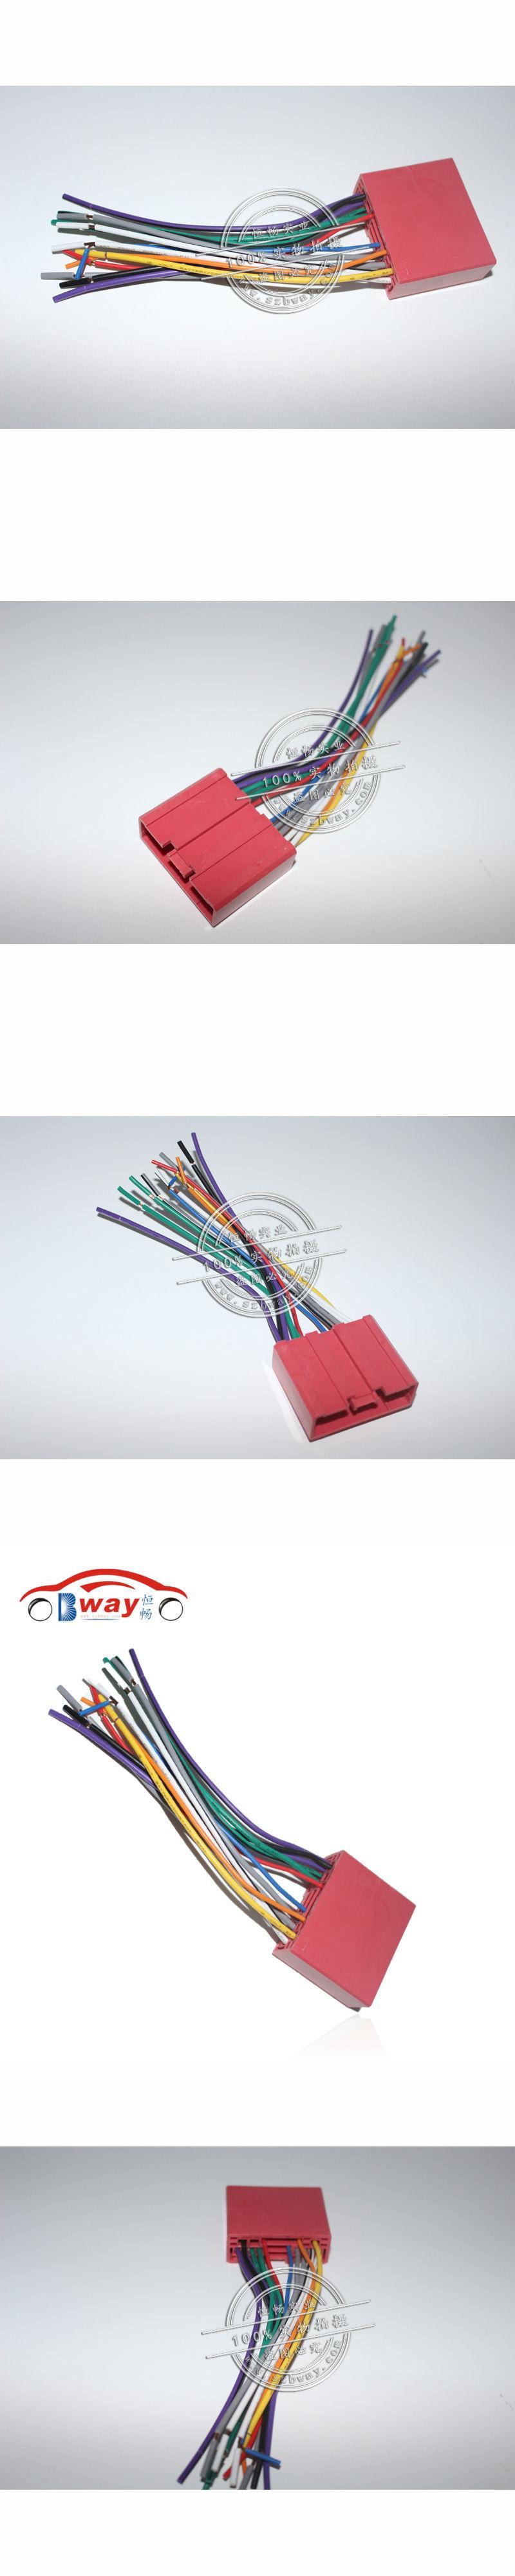 Car Radio Stereo Female Iso Plug Power Adapter Wiring Harness For Mazda 2 Mazda 3 Mazda 5 Mazda 6 Iso Harness Power Cable Power Cable Car Radio Power Adapter